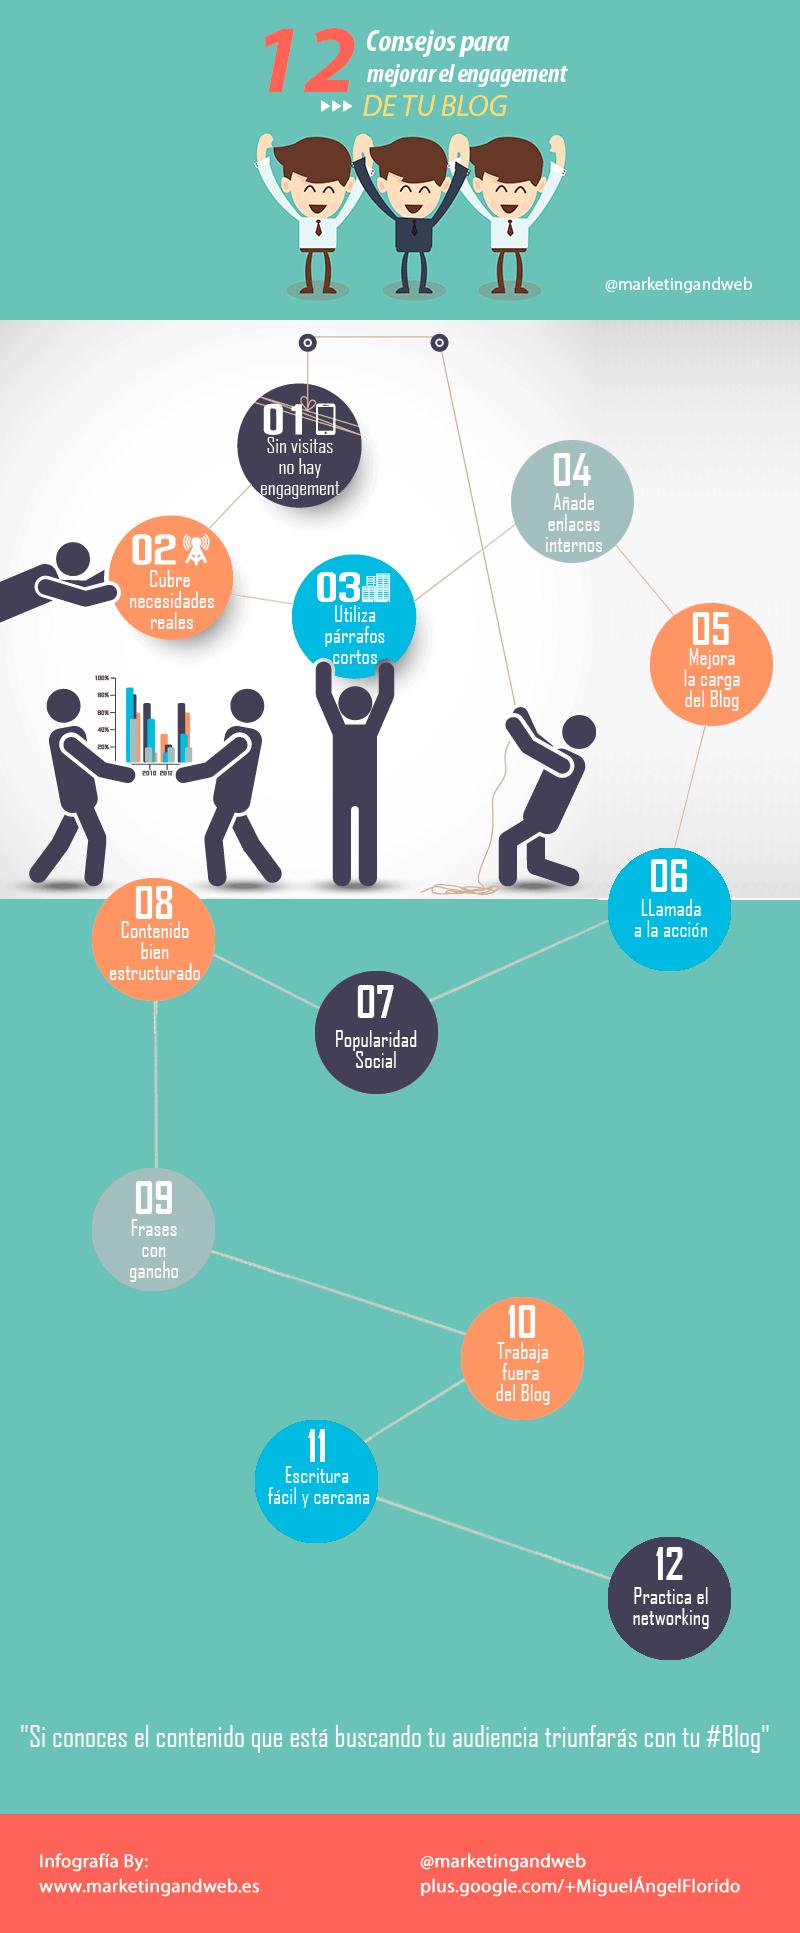 12 Consejos para mejorar el engagement en un Blog